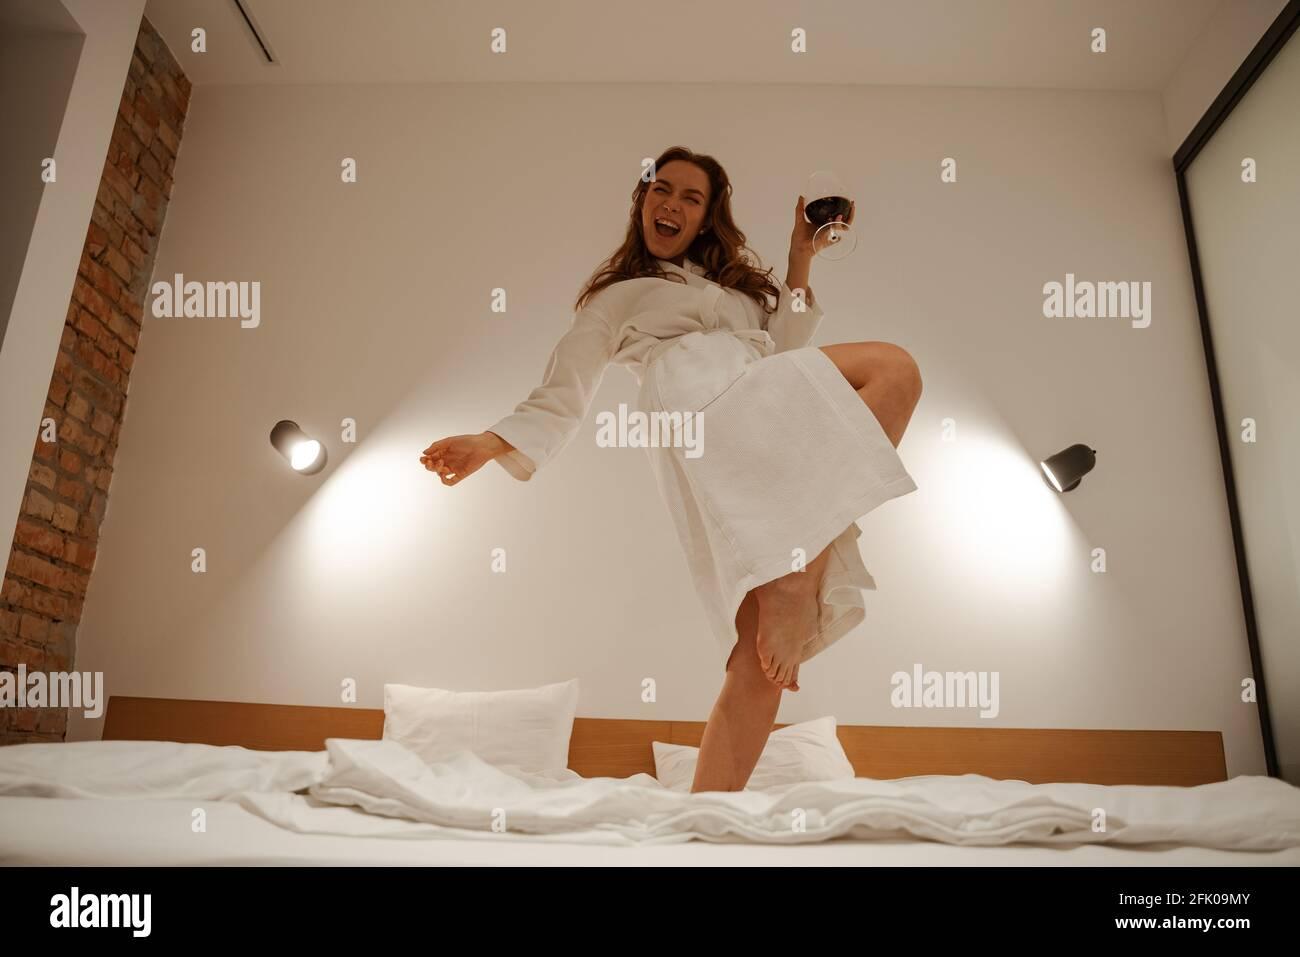 Mujer joven de pelo rojo con una toalla en la cabeza y un albornoz blanco saltando y divirtiéndose en la cama. Ambiente alegre en la habitación del hotel. Jóvenes y. Foto de stock